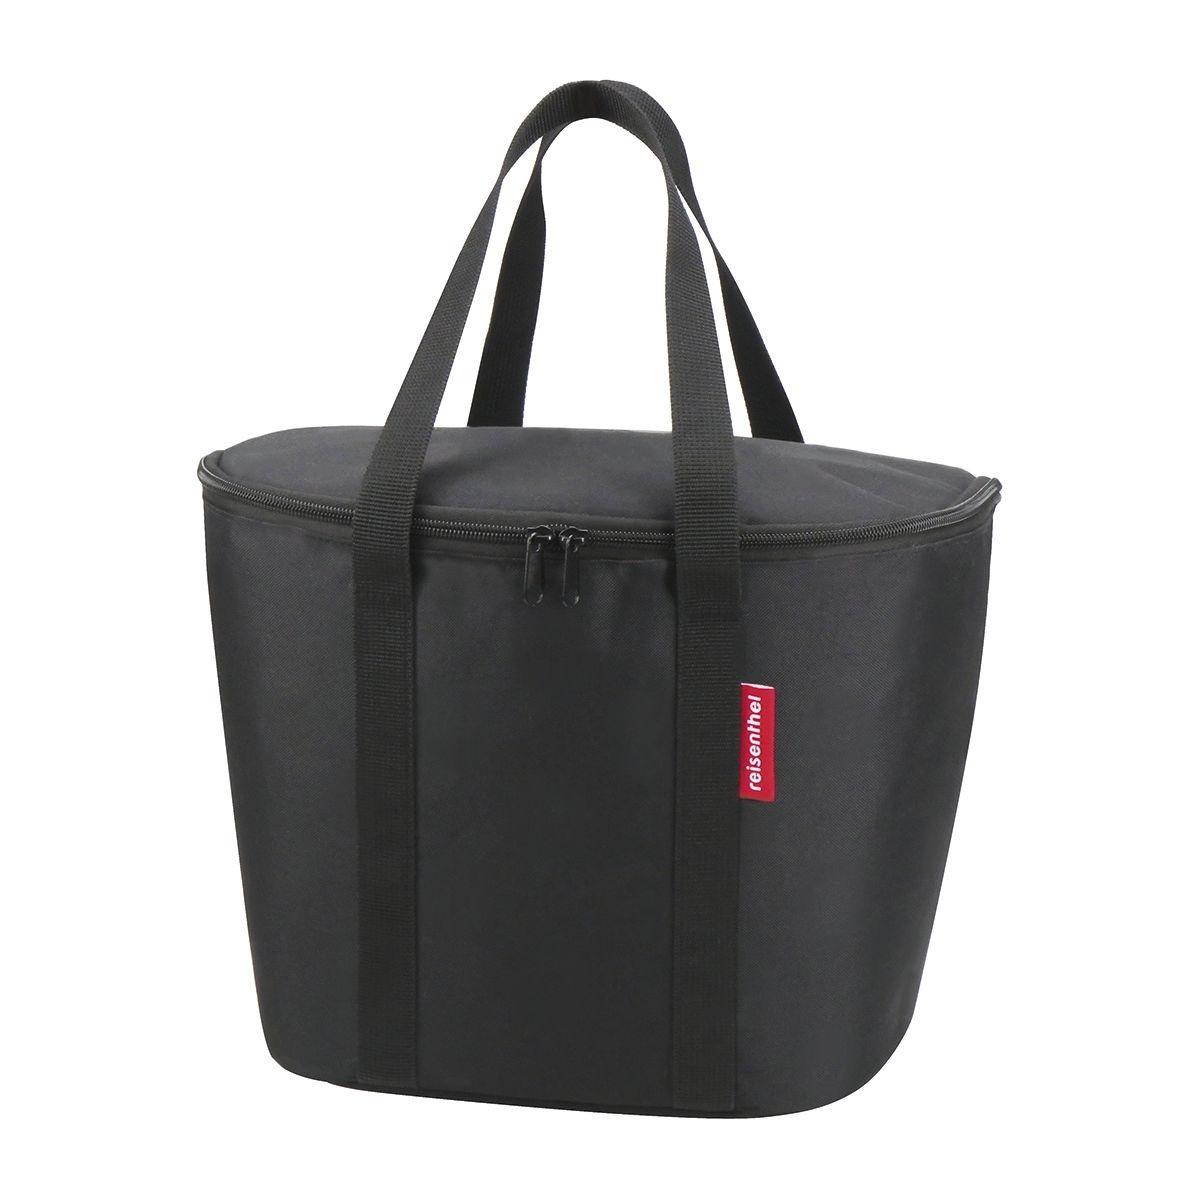 Reisenthel Basket Bag Koeltas Zwart